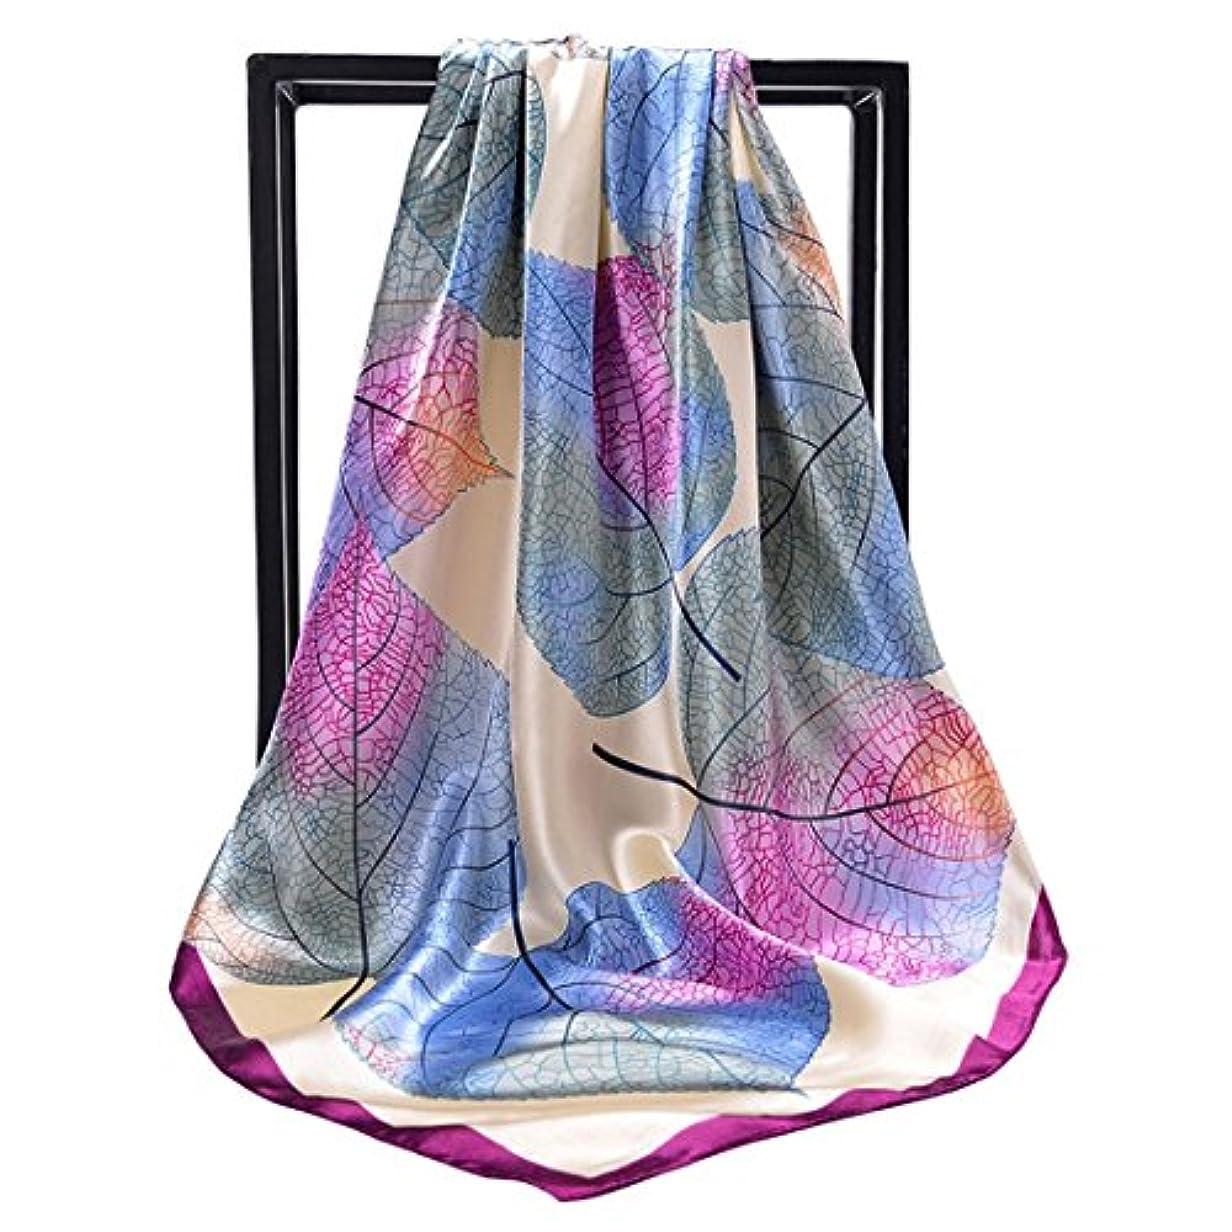 徹底避けられないちらつきCATYAA 女の子のためのプリントシルクスカーフショールスカーフ小さなスクエアスカーフヒジャーブスカーフ (Color : Good-looking purple, サイズ : 90X90cm)